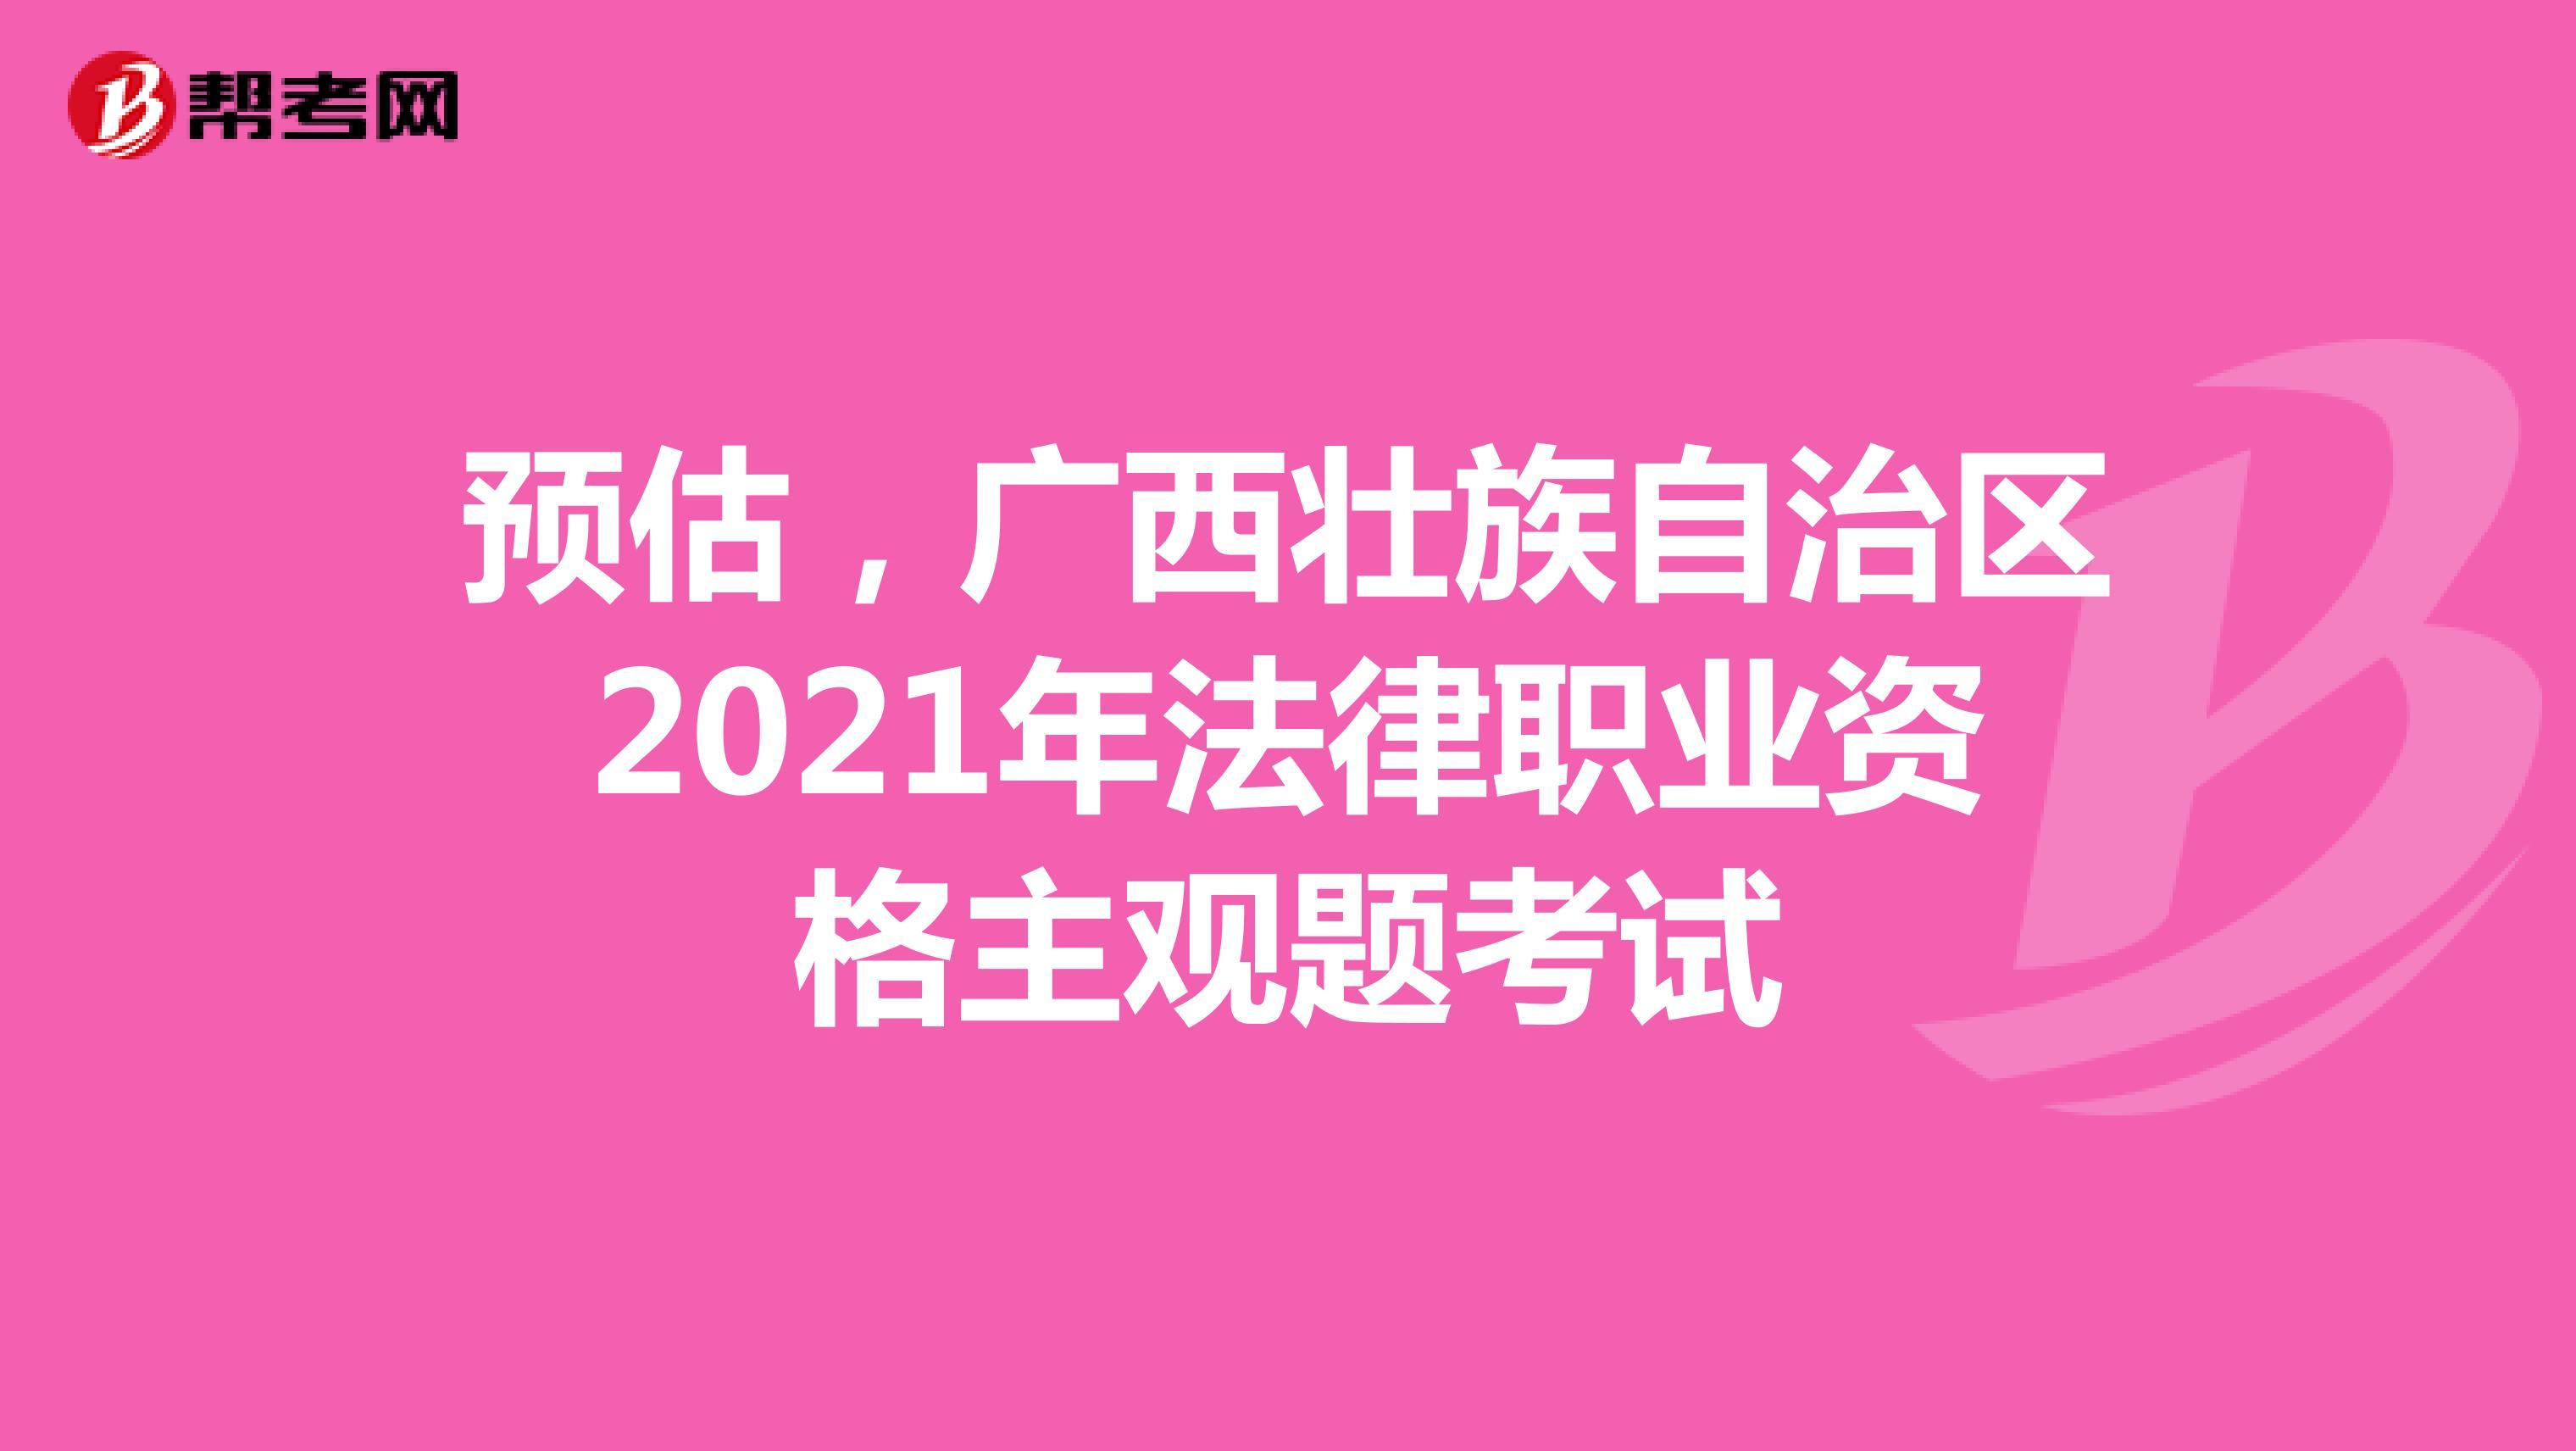 預估,廣西壯族自治區2021年法律職業資格主觀題考試